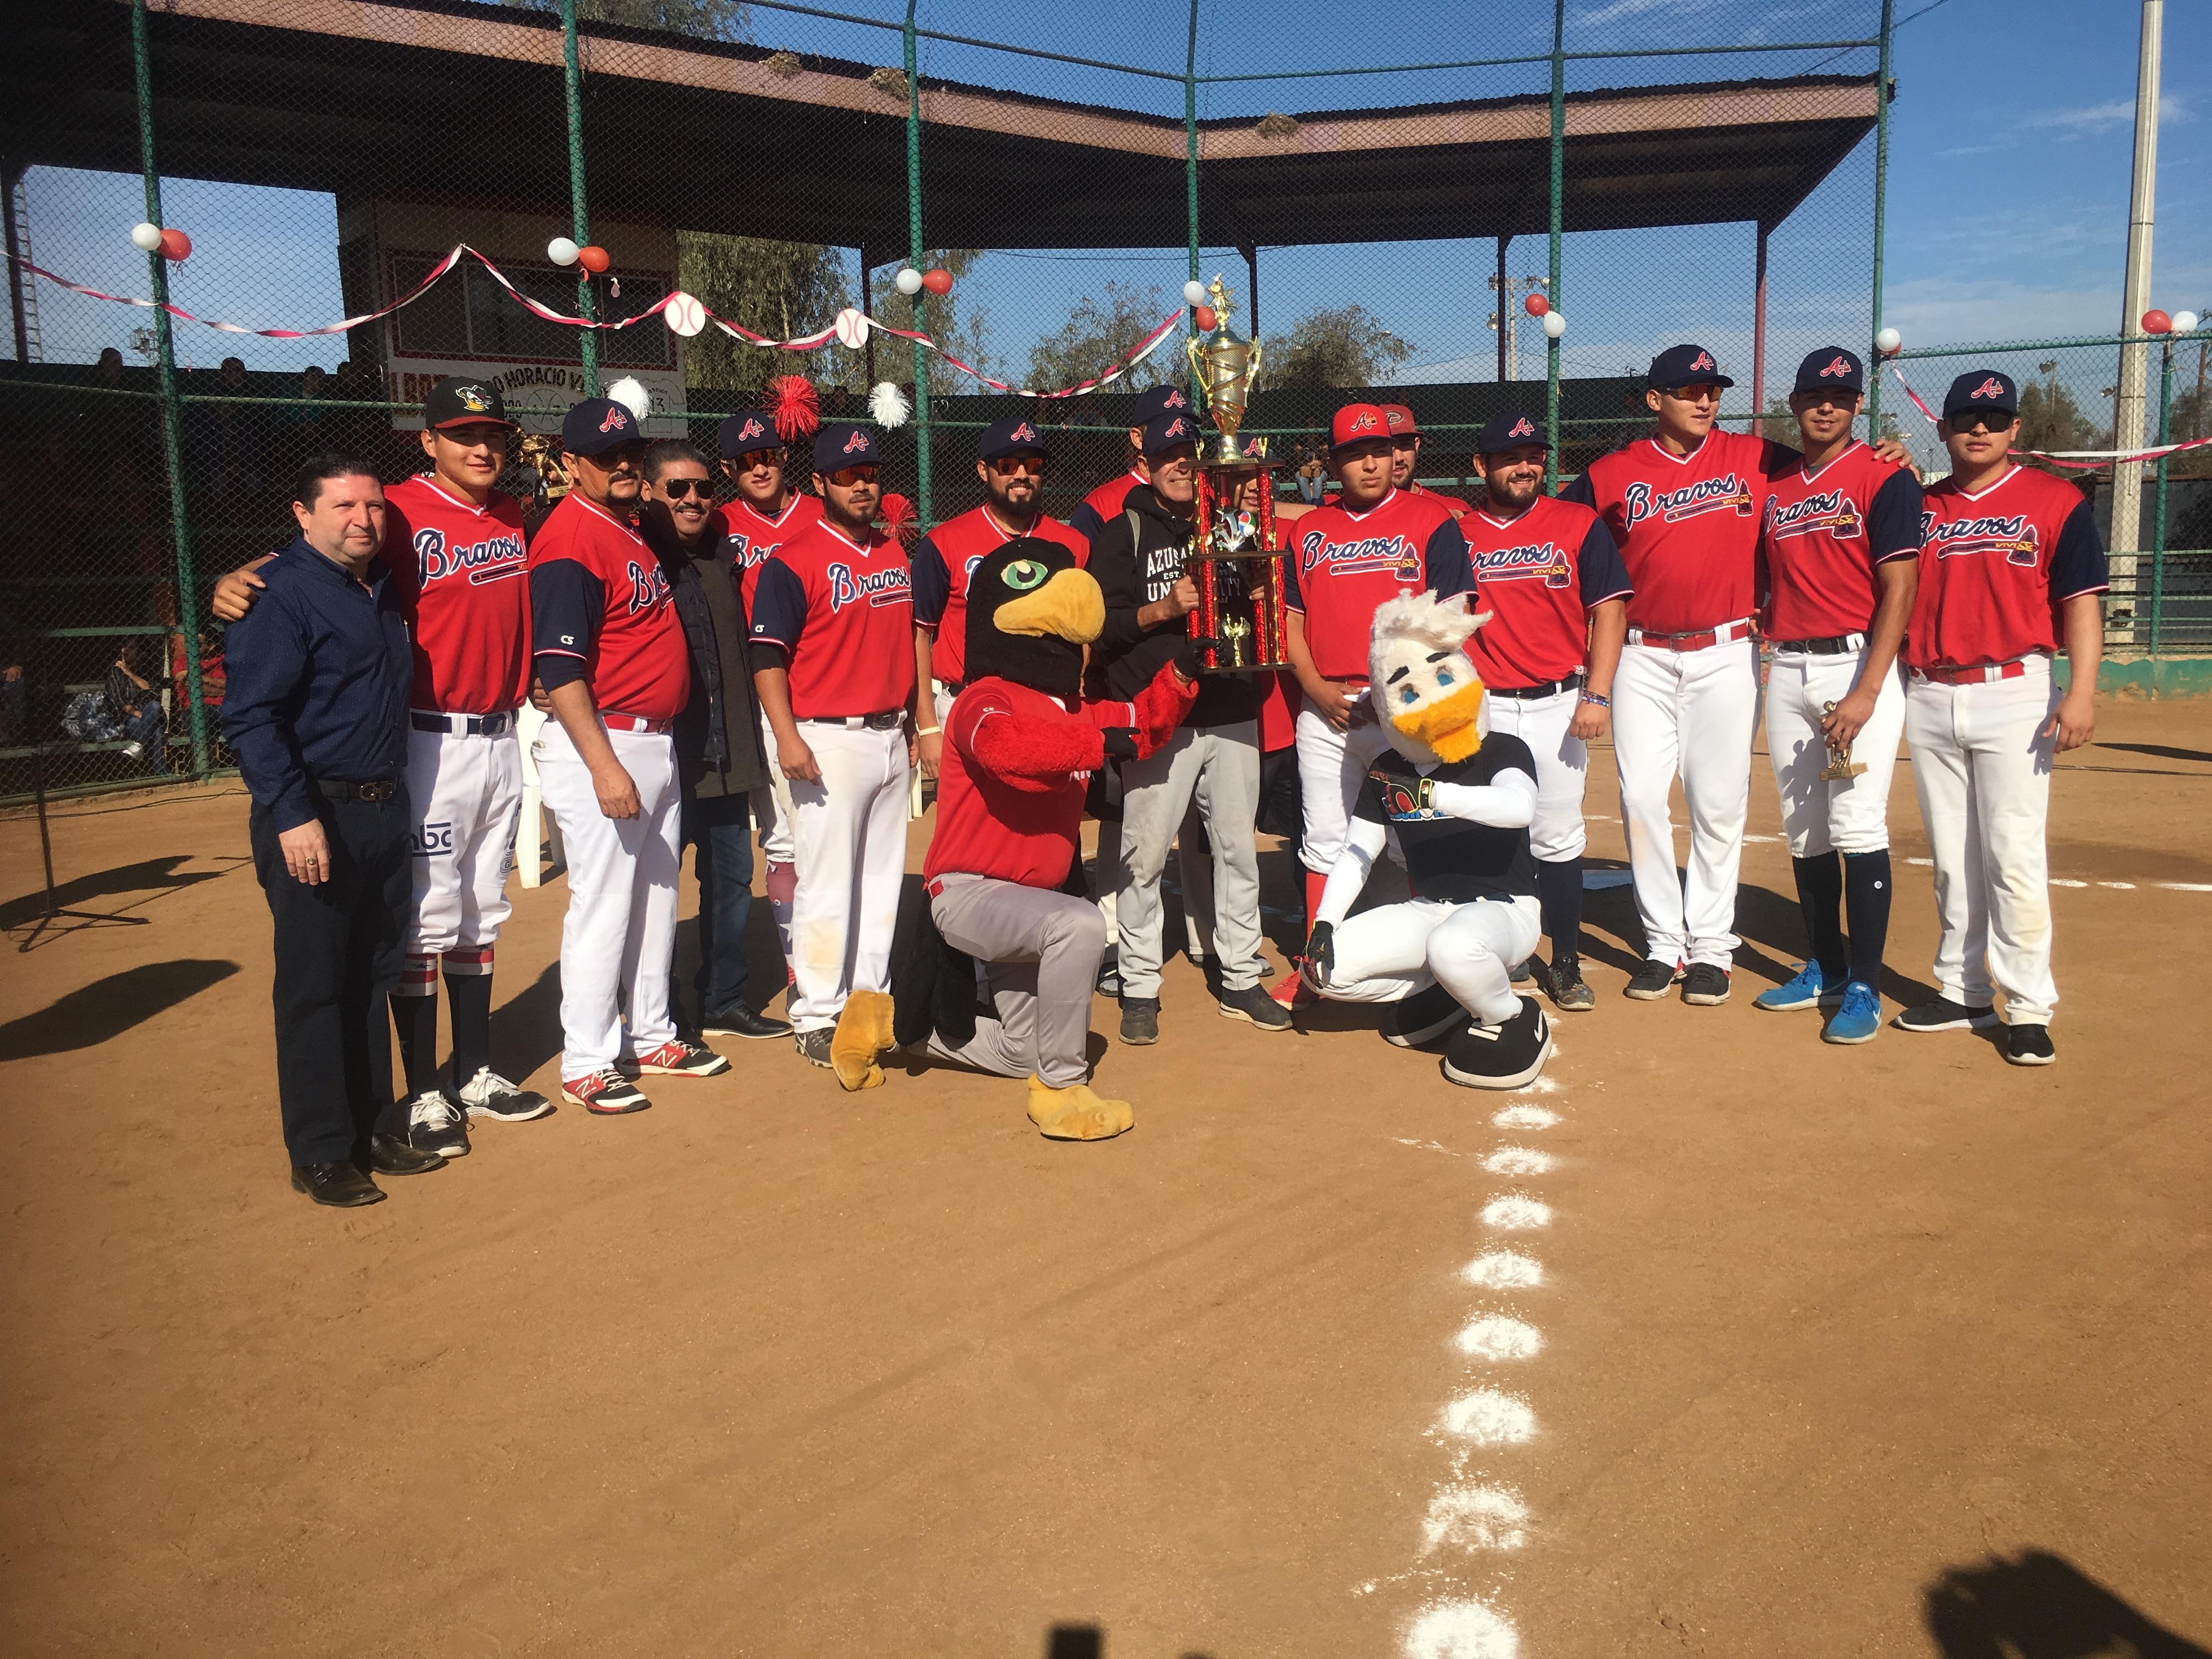 Bravos superaron 4-1 Boston en la Lijat